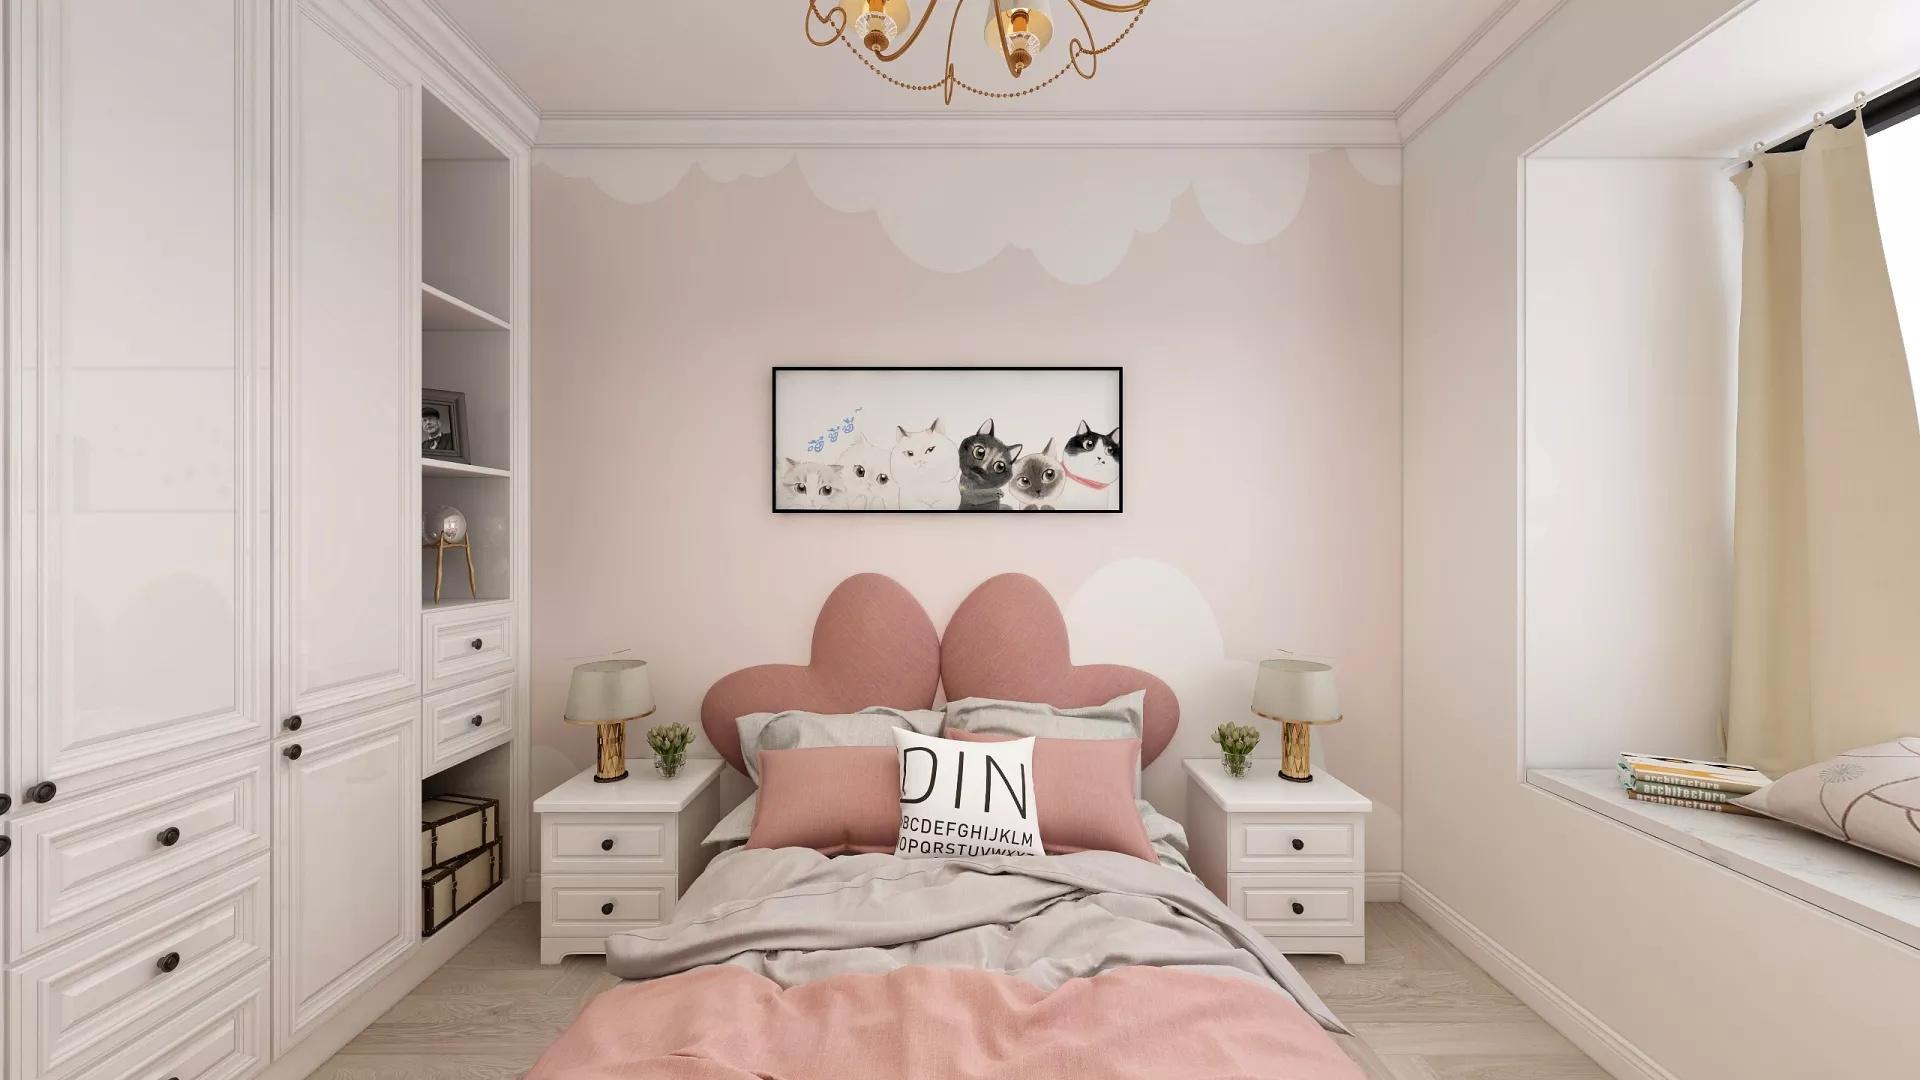 豪华舒适别墅客厅设计效果图